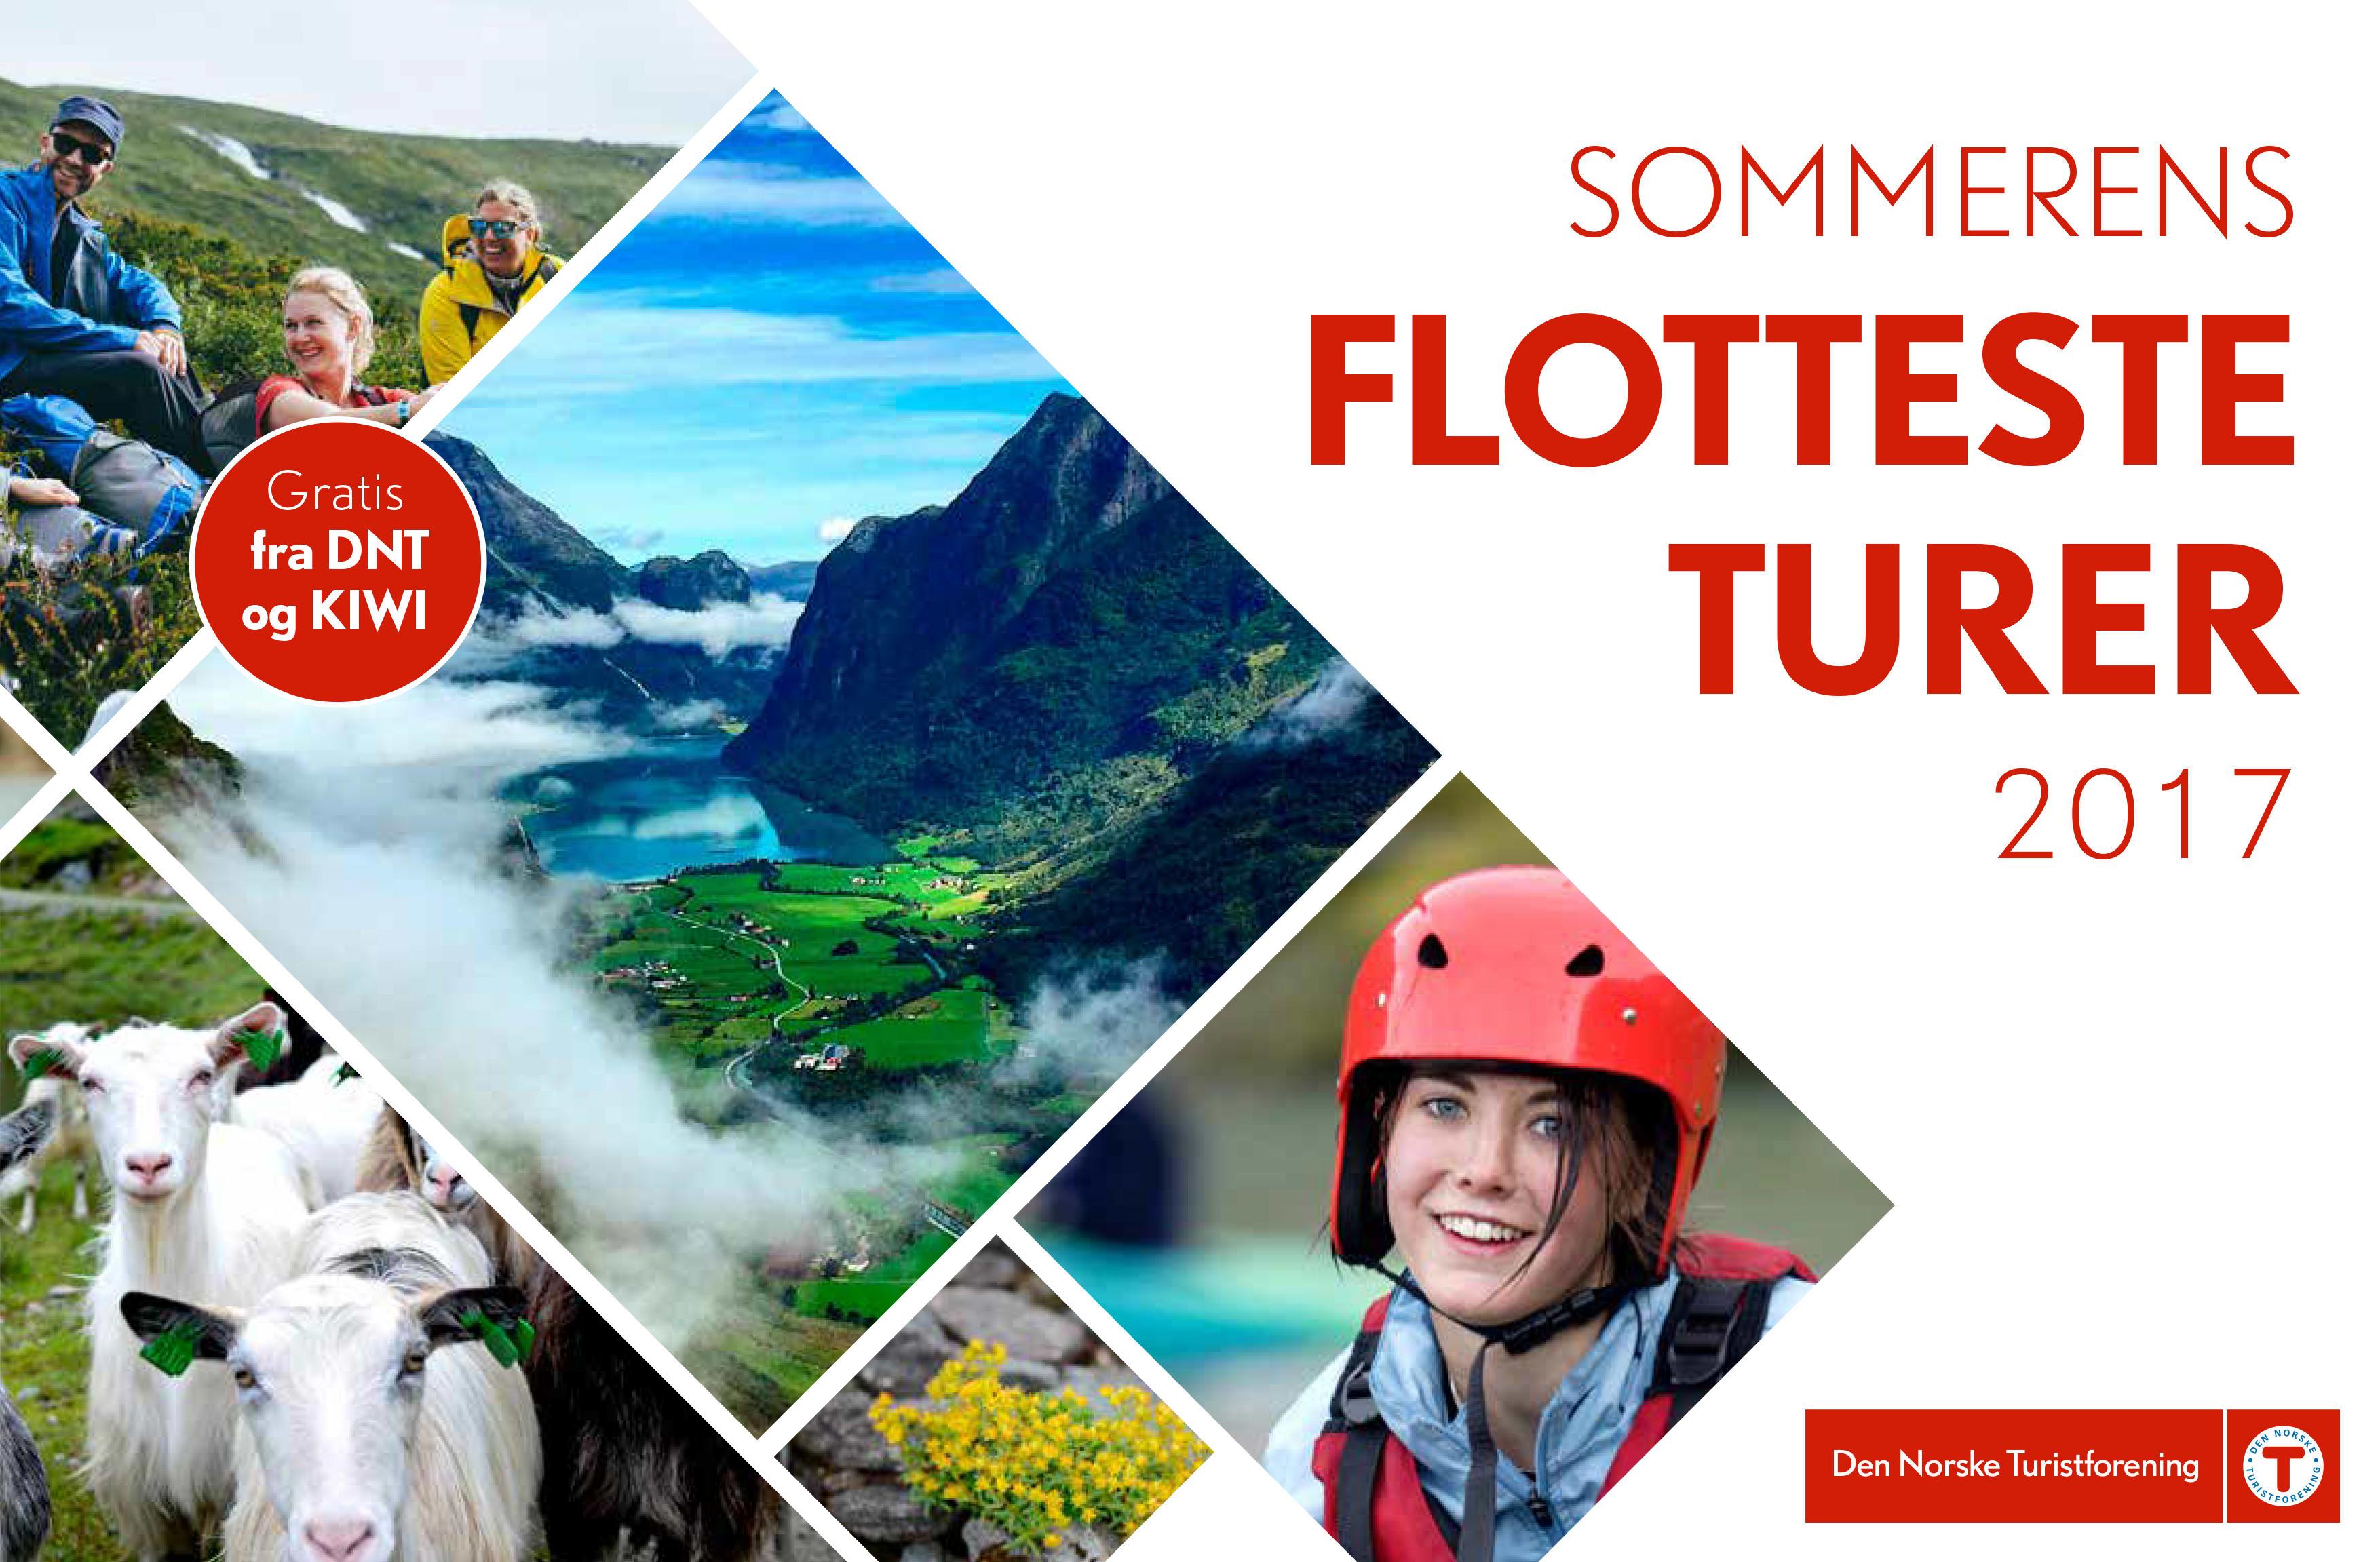 Ta med deg katalogen hjem neste gang du handler på KIWI for en oversikt over sommerens fineste turer.